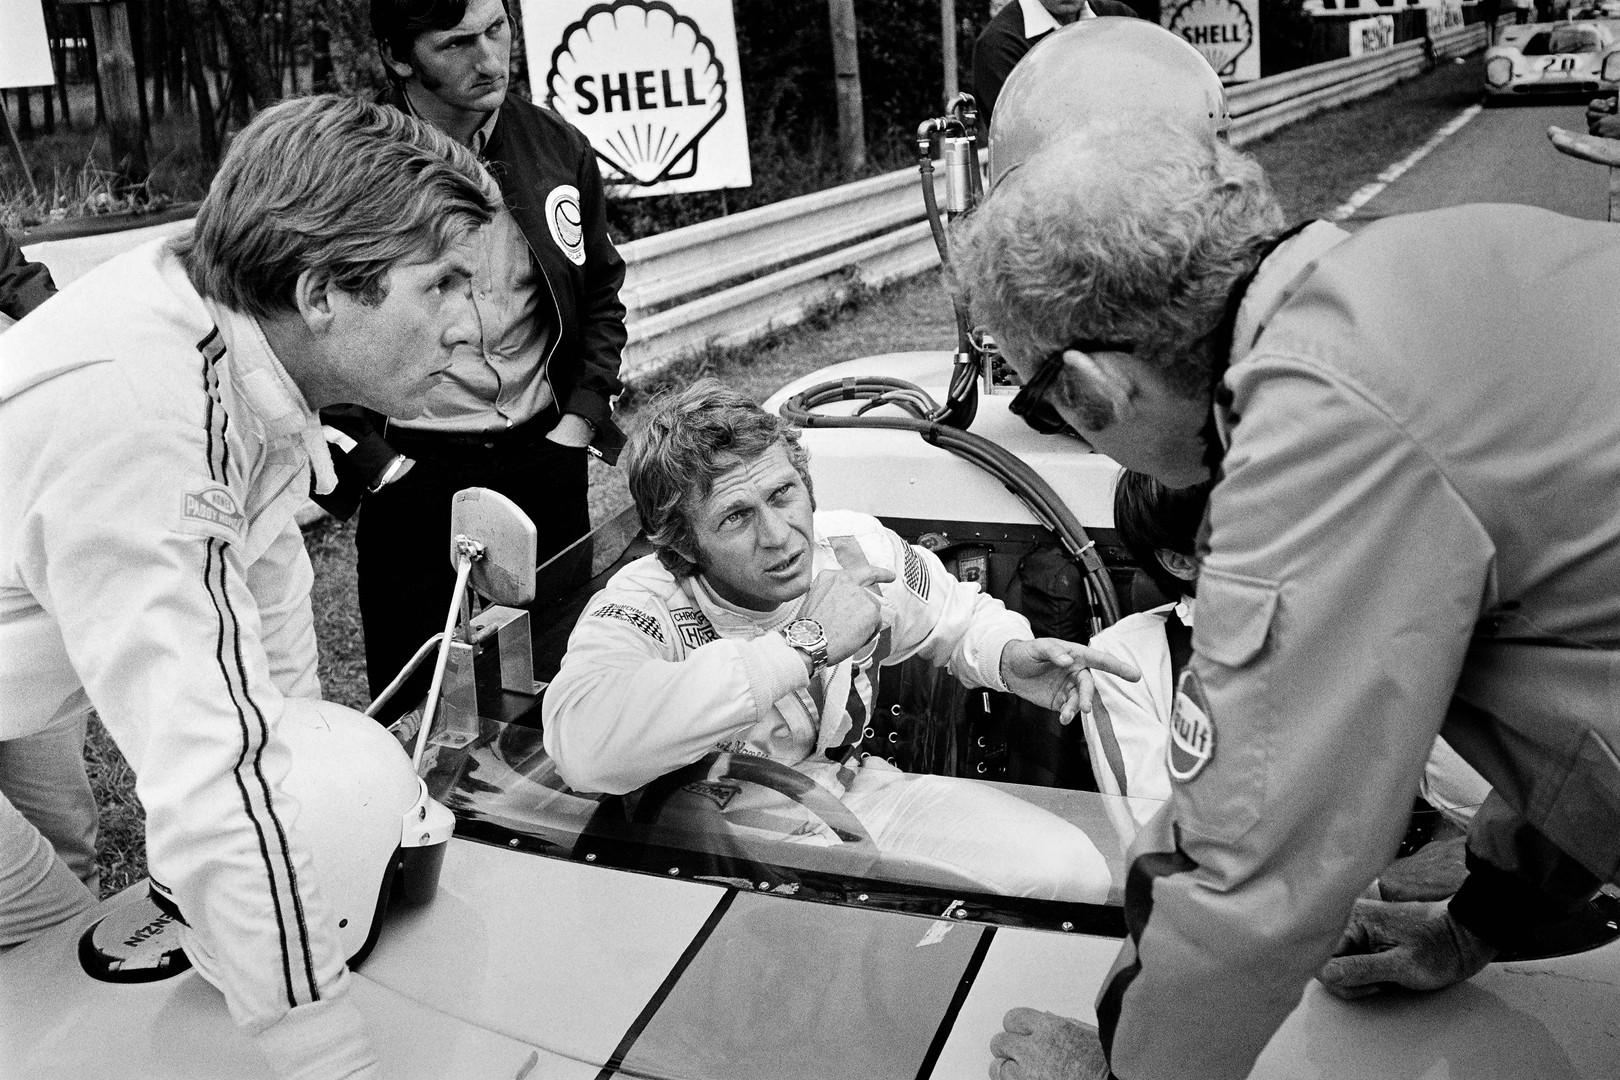 051 - Steve _Le Mans_ McQueen.jpg